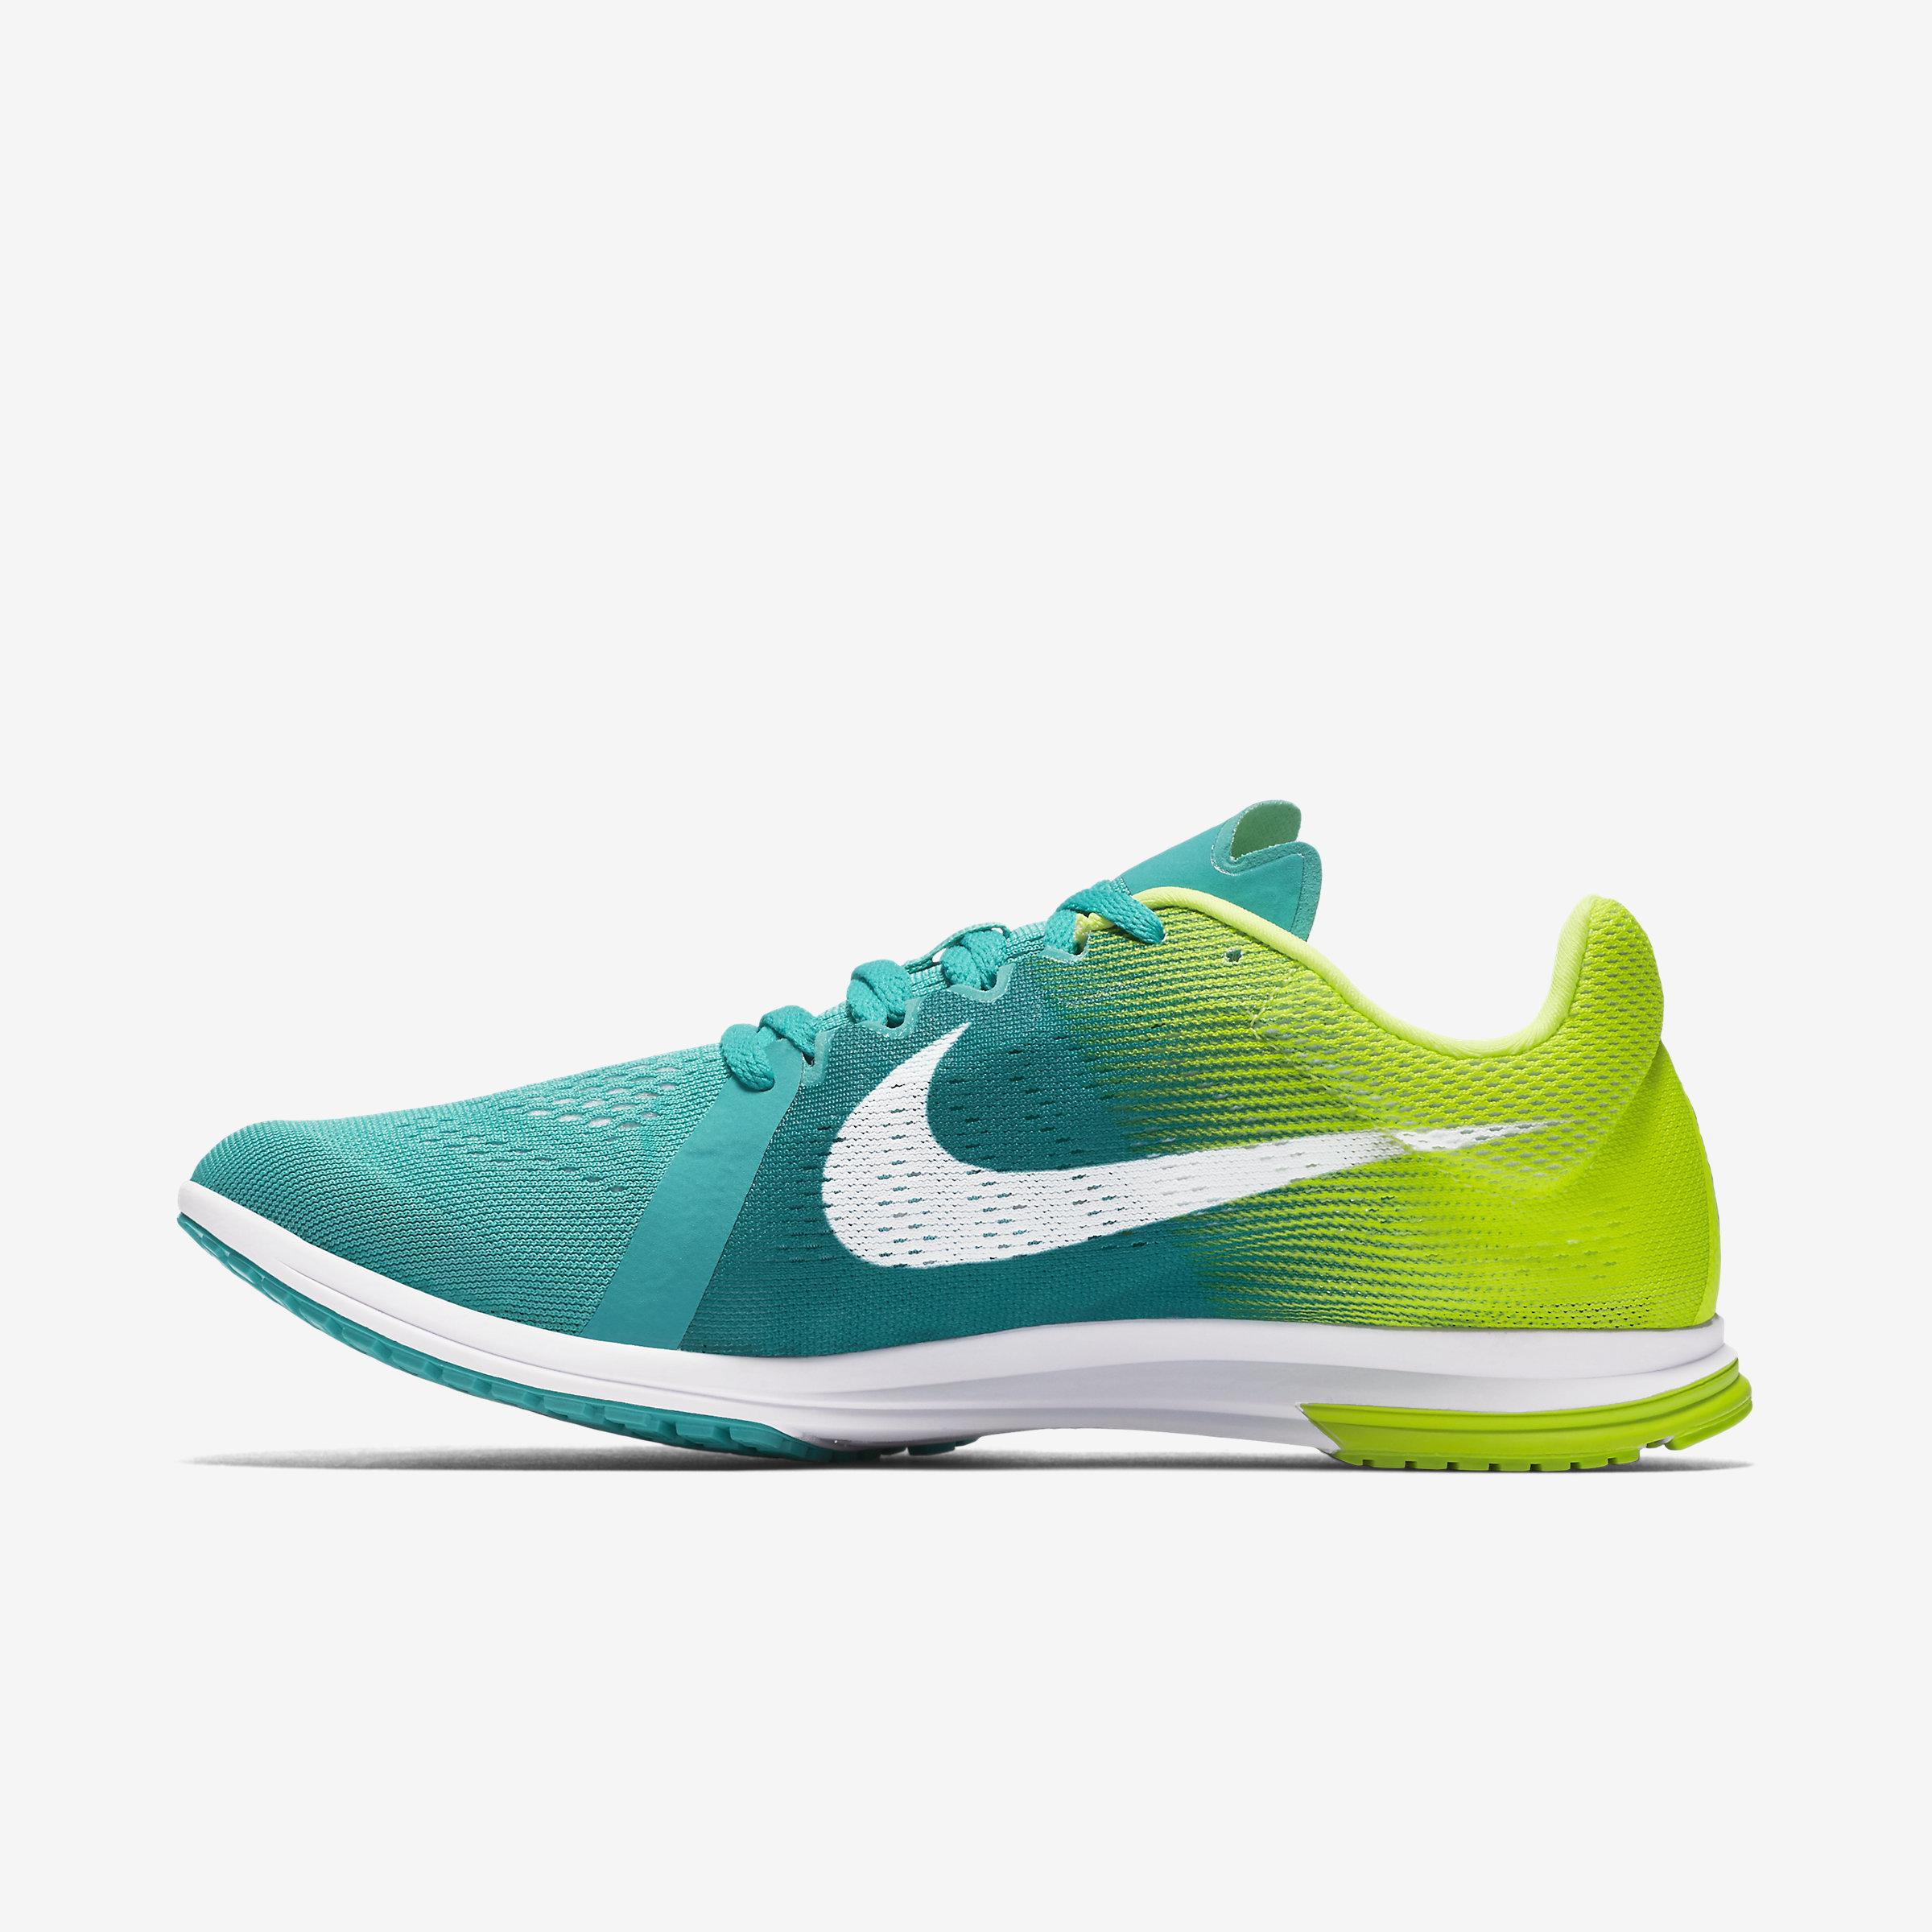 Nike Rubber Zoom Streak Lt 3 for Men